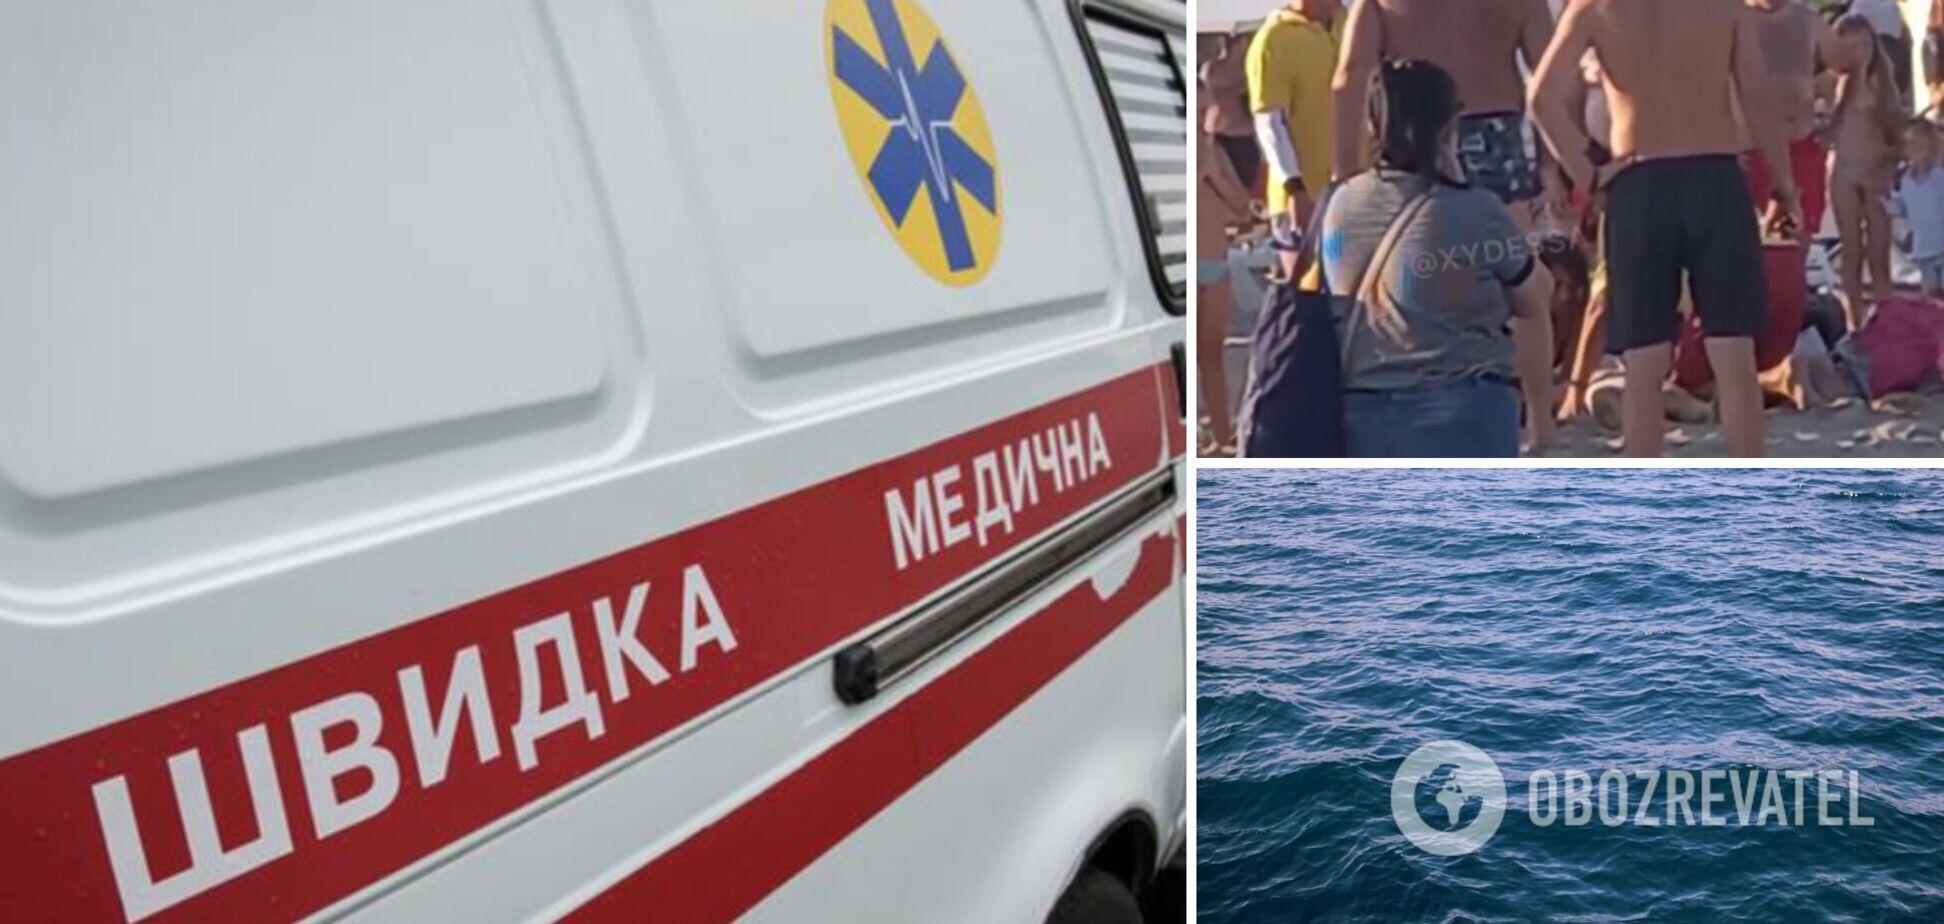 Знепритомніла у воді: в Одесі дивом врятували дівчинку, яка ледь не потонула. Фото і відео